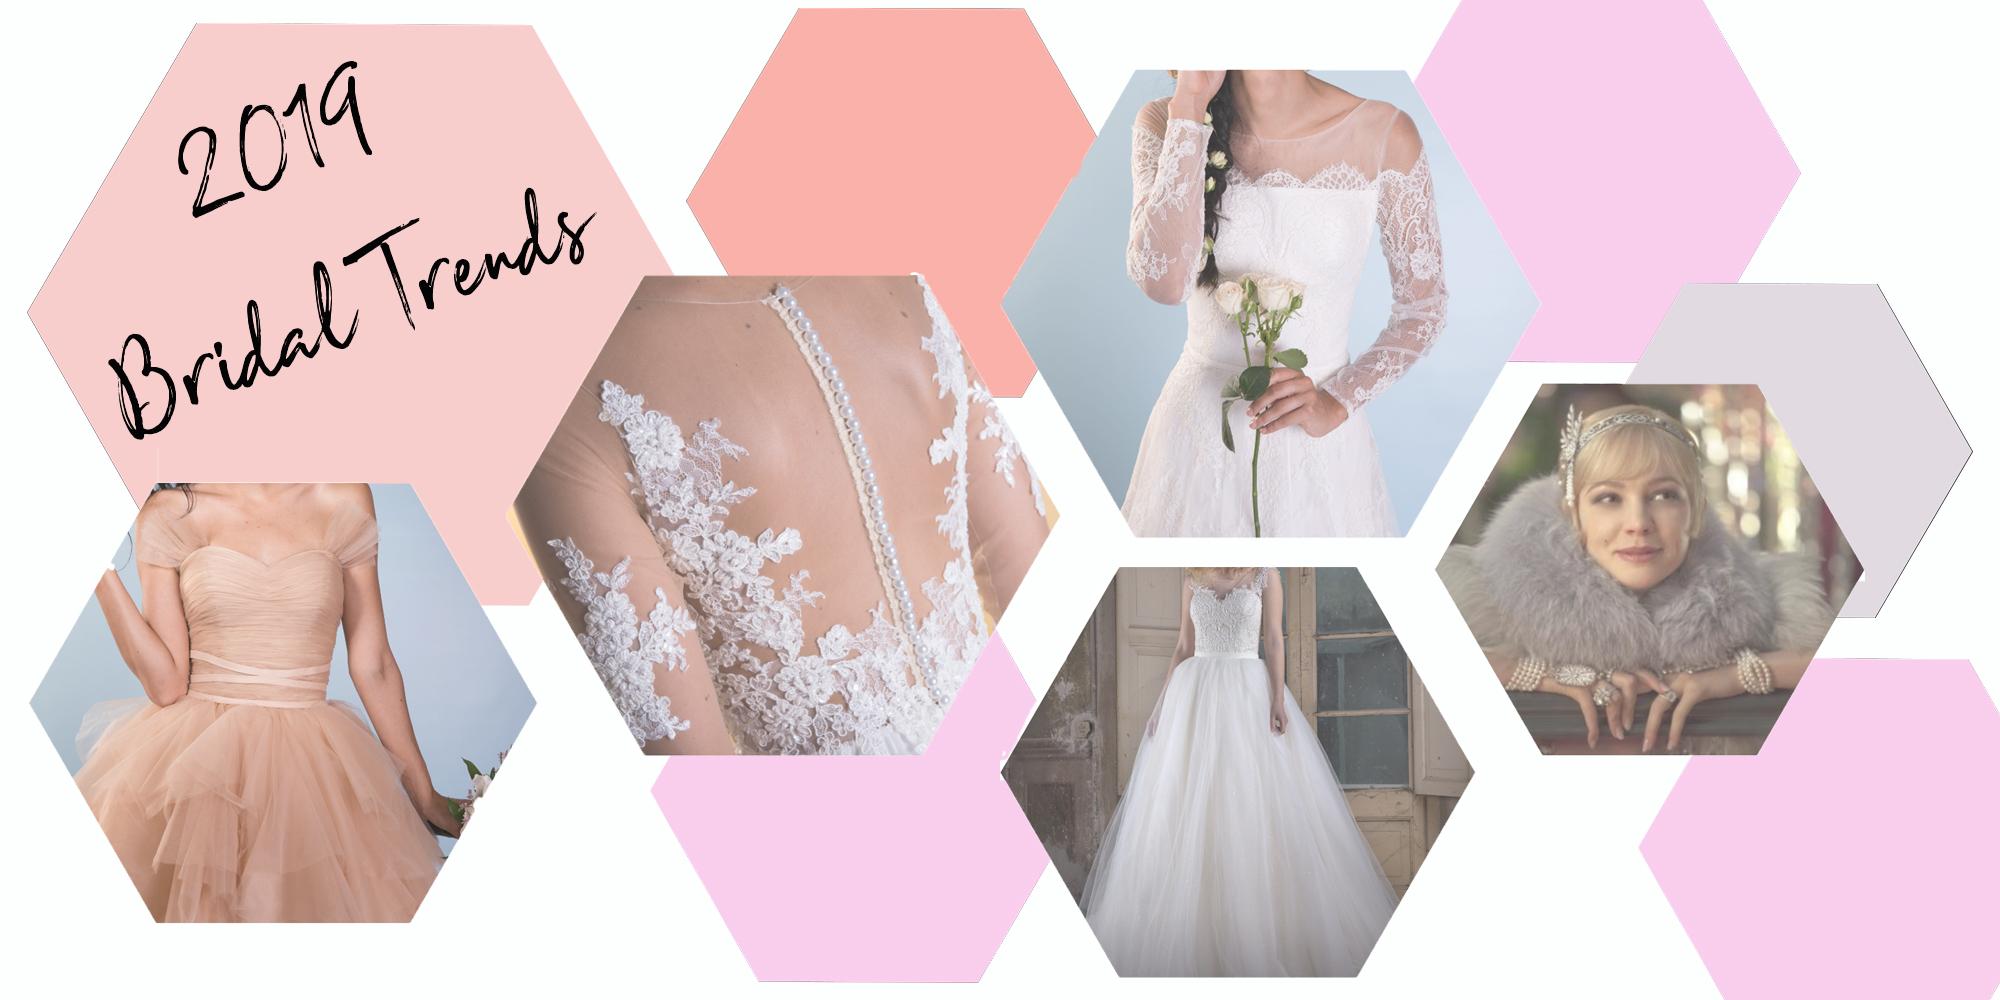 Abiti da sposa: tutti i Bridal trends del 2019